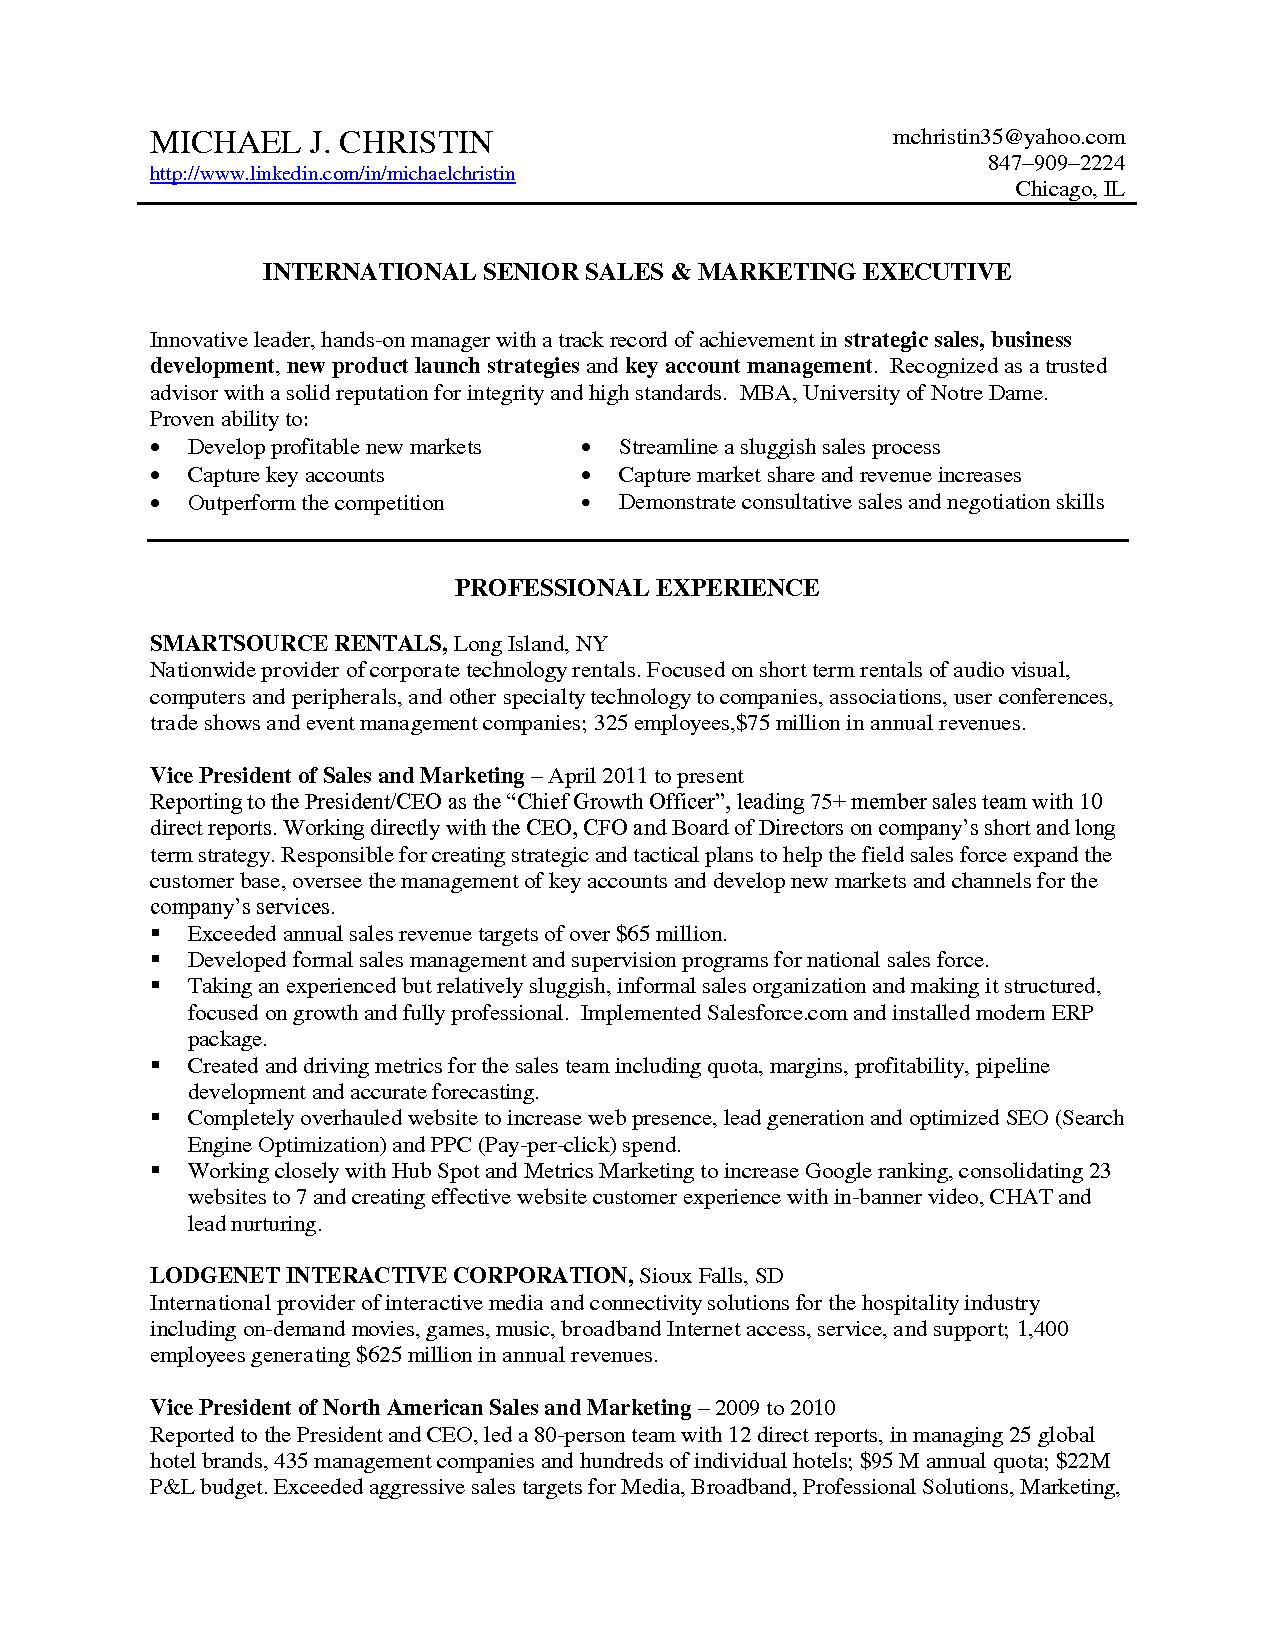 Respite Worker Resume - http://www.resumecareer.info/respite-worker ...